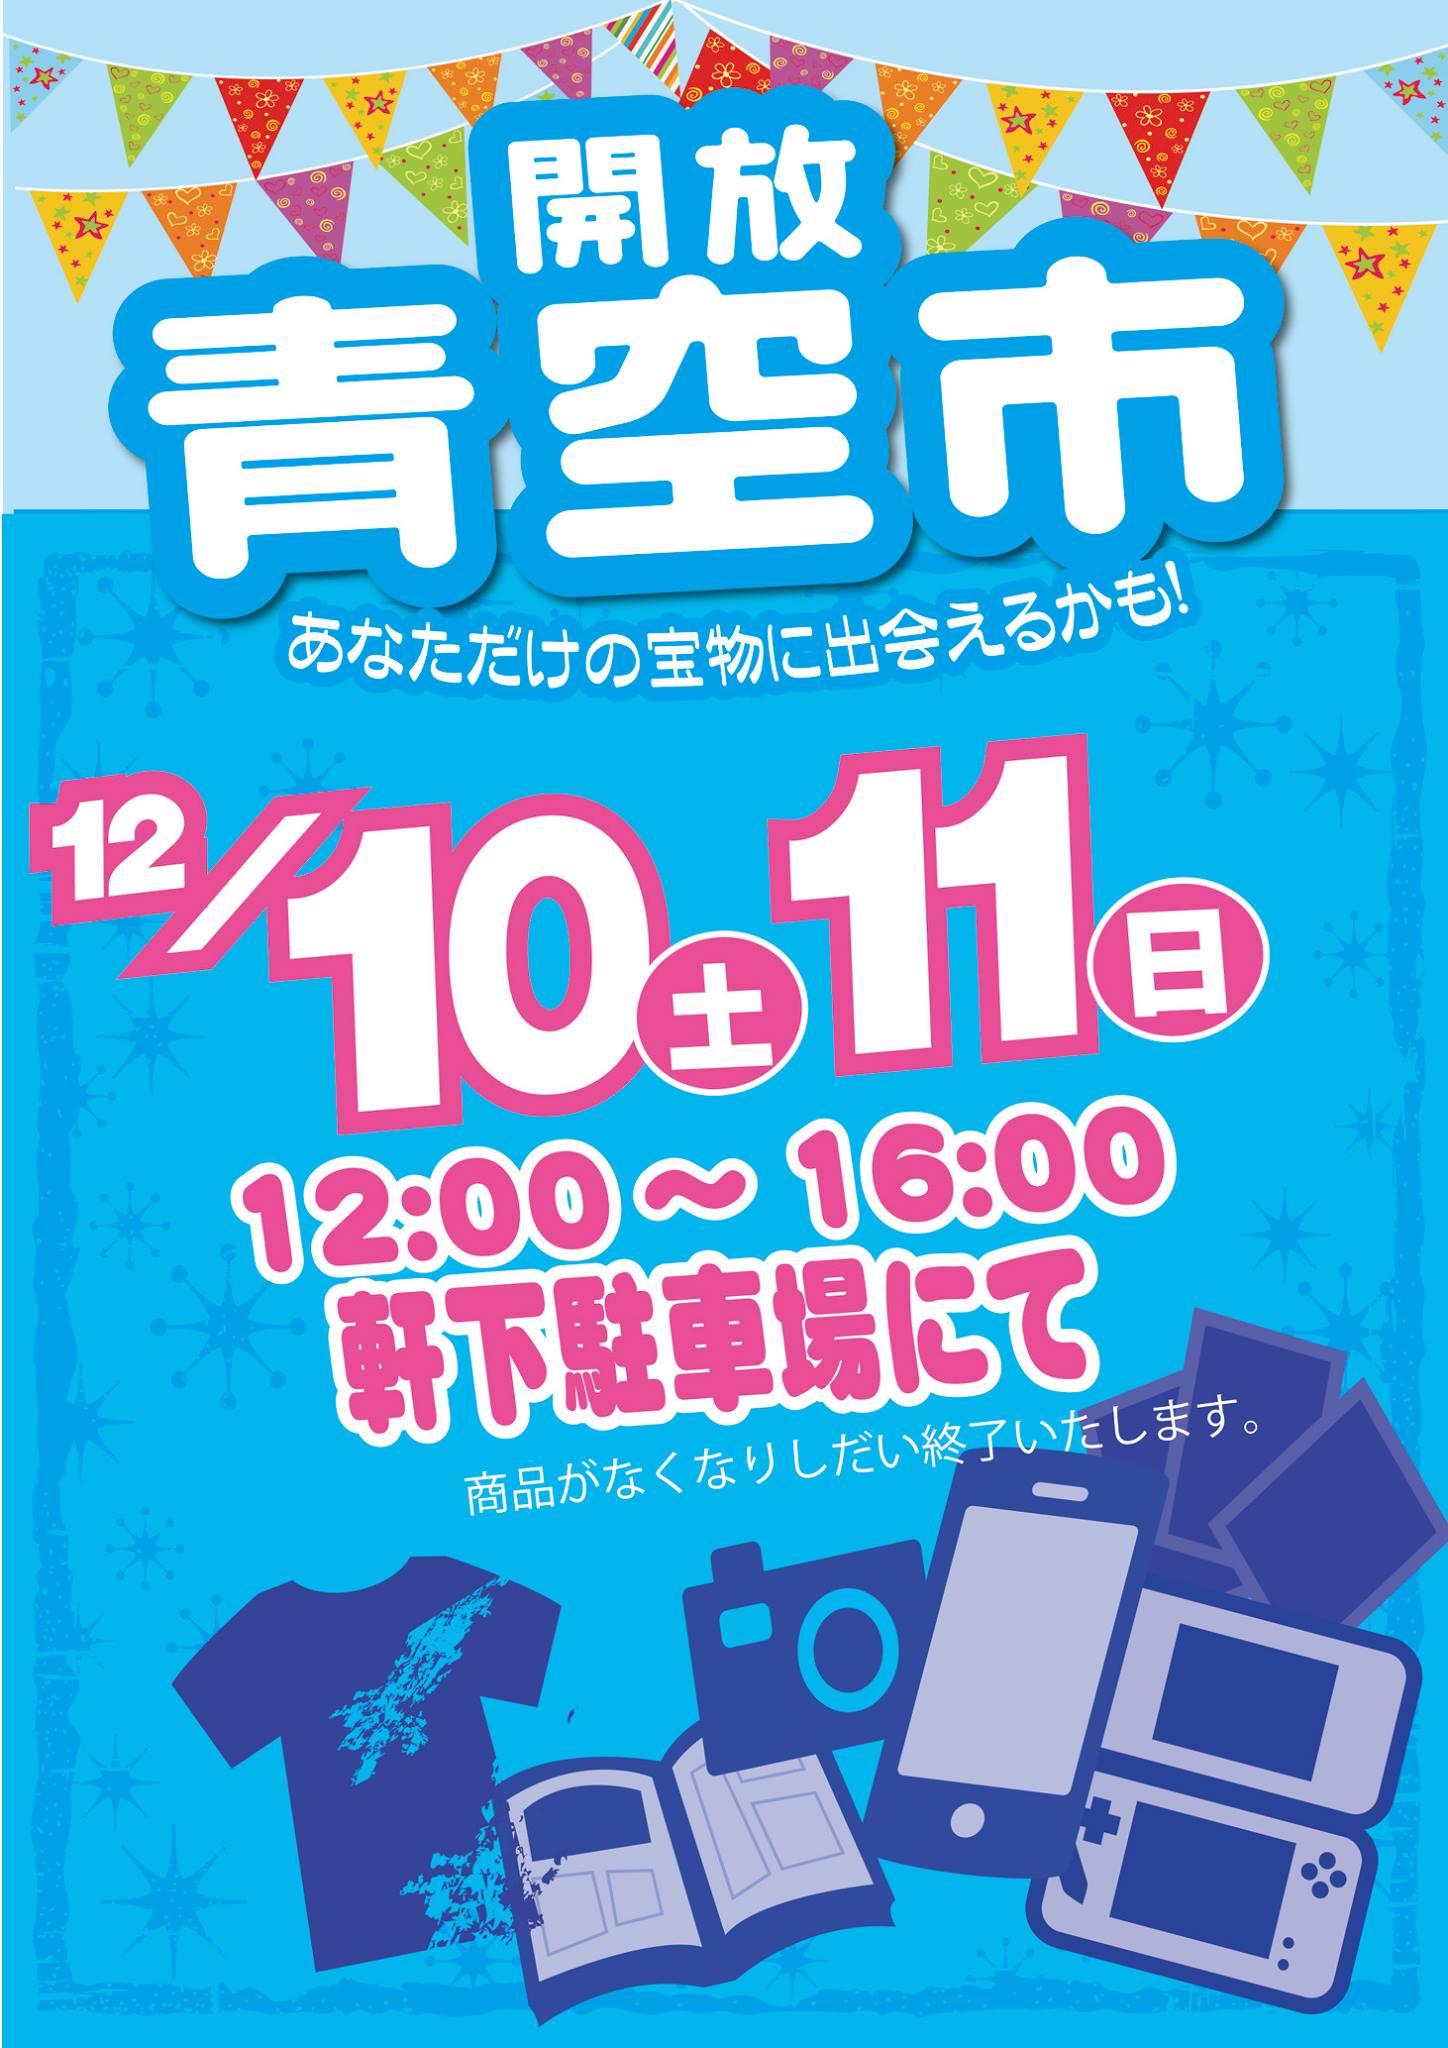 「開放倉庫福山店」2016年12月10日、11日の土日2日間は!開放青空市開催!!